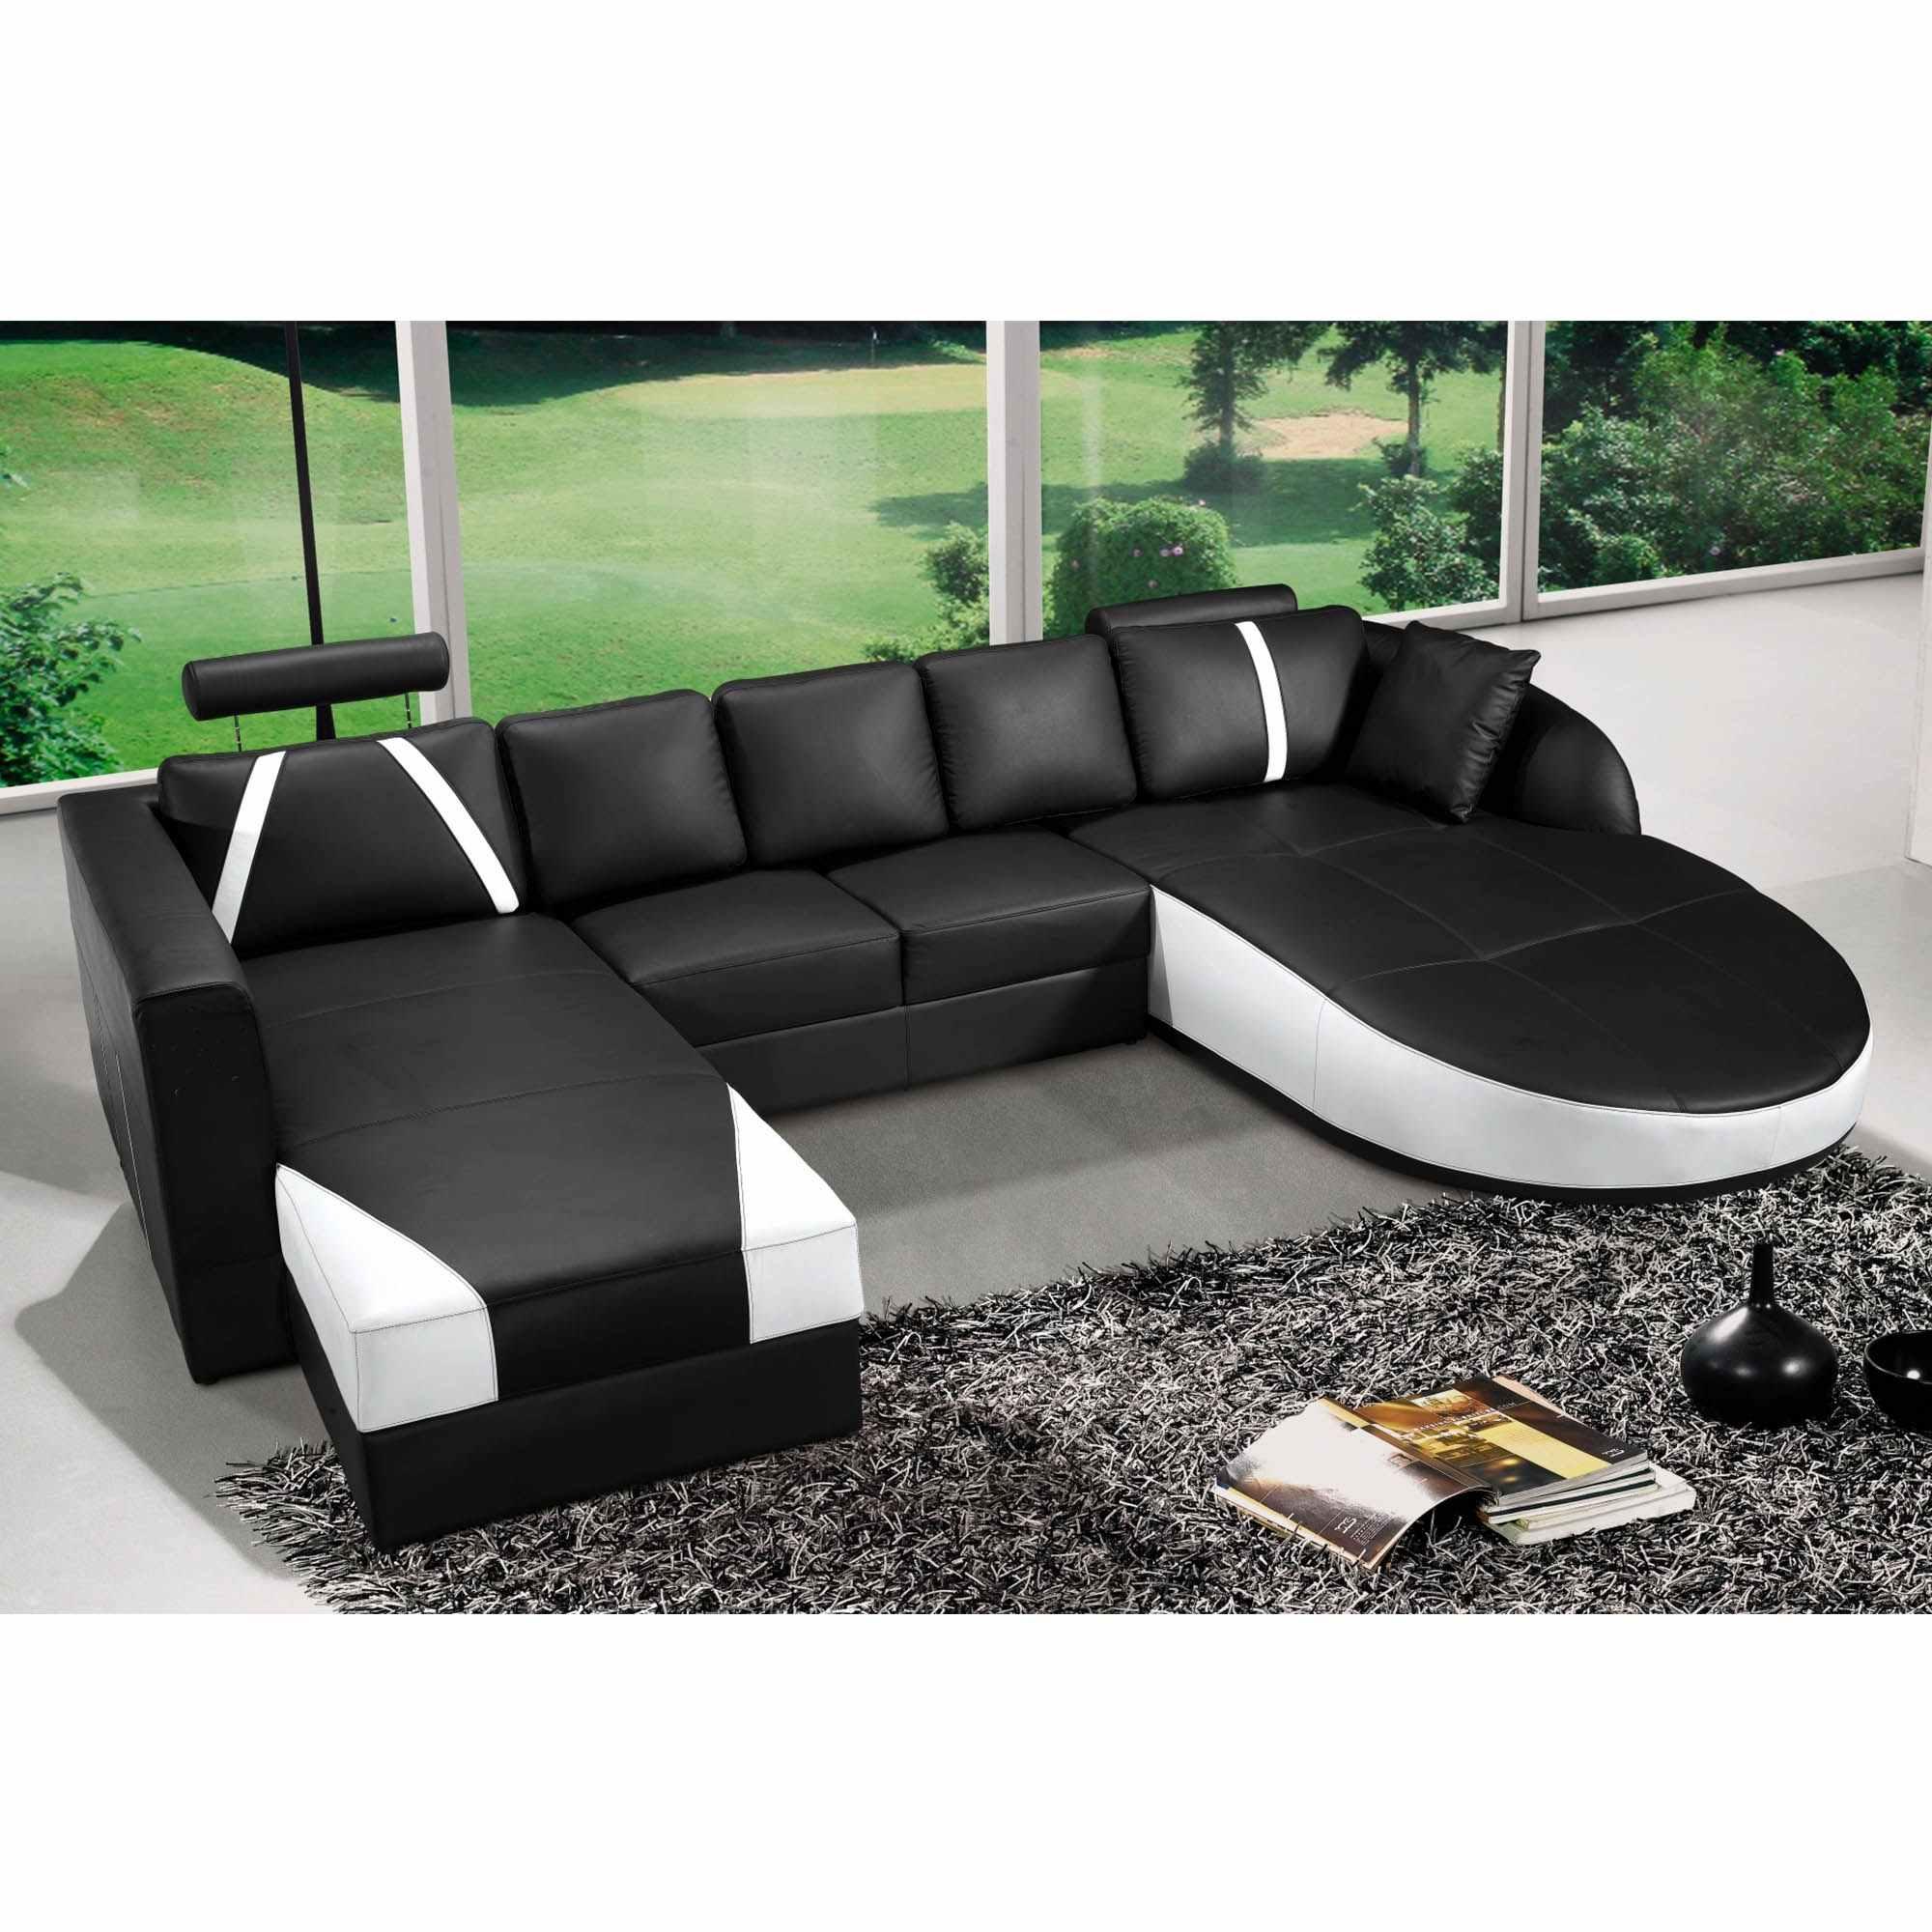 Canapé D'angle Panoramique Cuir Noir Et Blanc Sonia à Canape Deux Angles